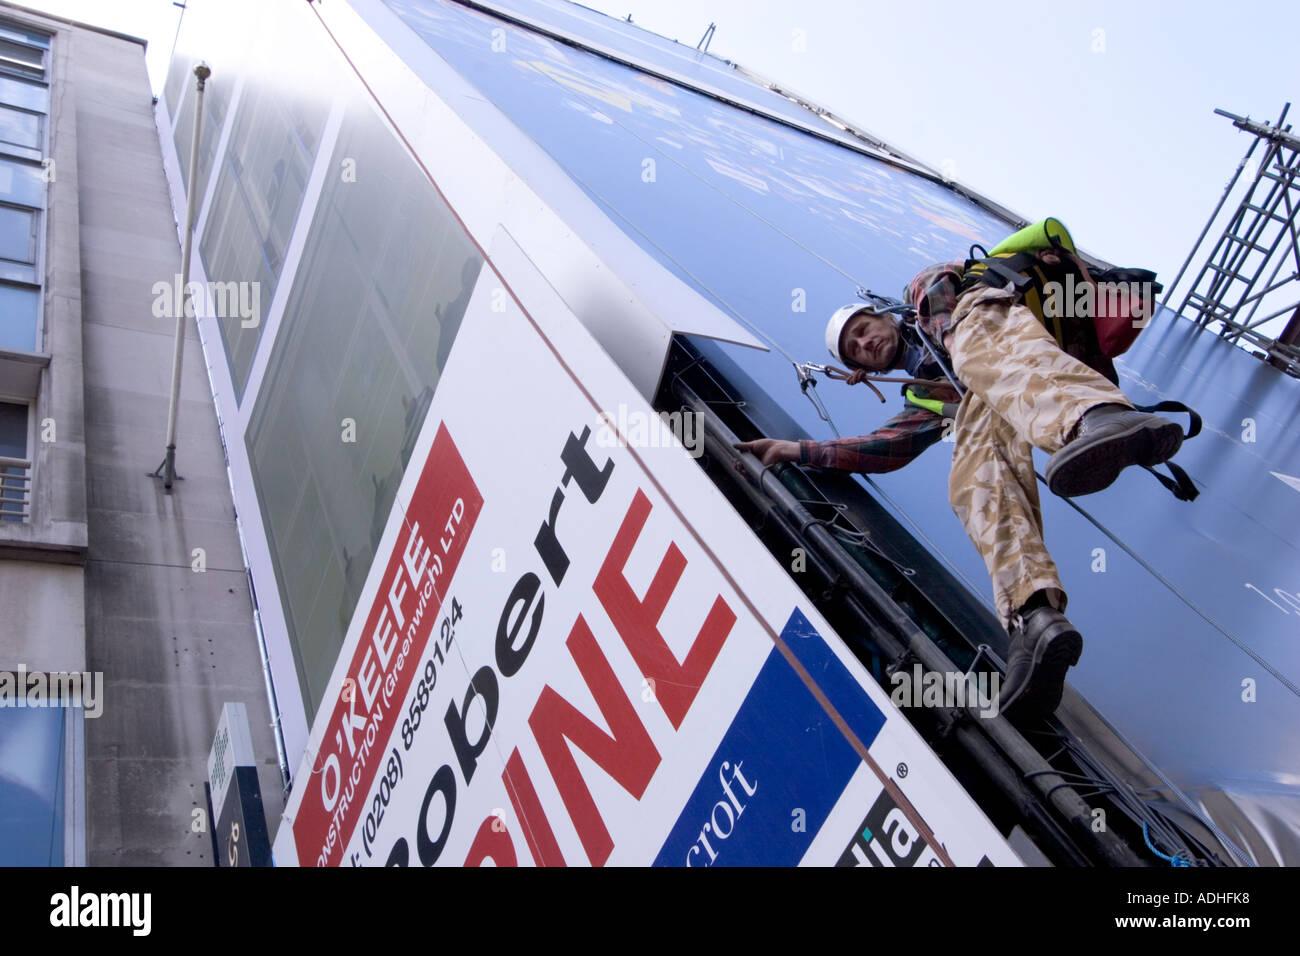 Les professions dangereuses cordée RAT technicien abseiler accès panneau d'affichage sur Oxford Street Photo Stock